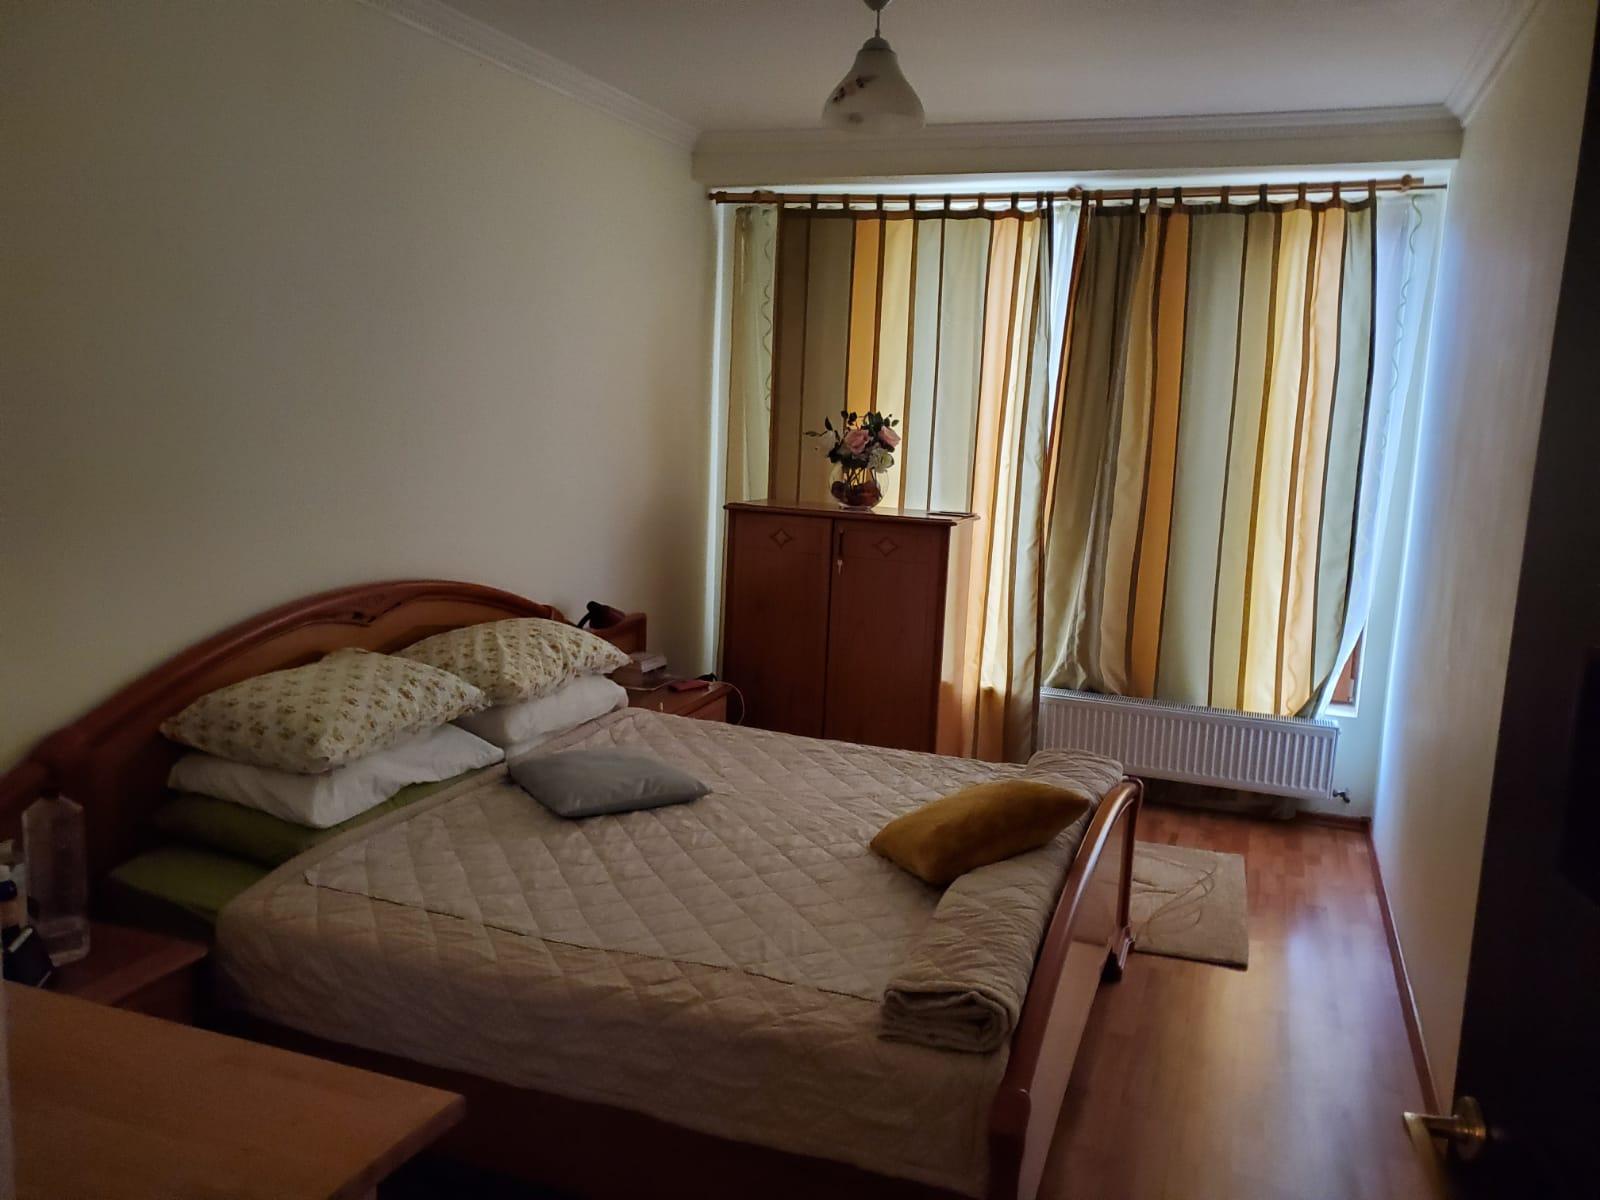 Vand casa 6 camere in Vladimirescu